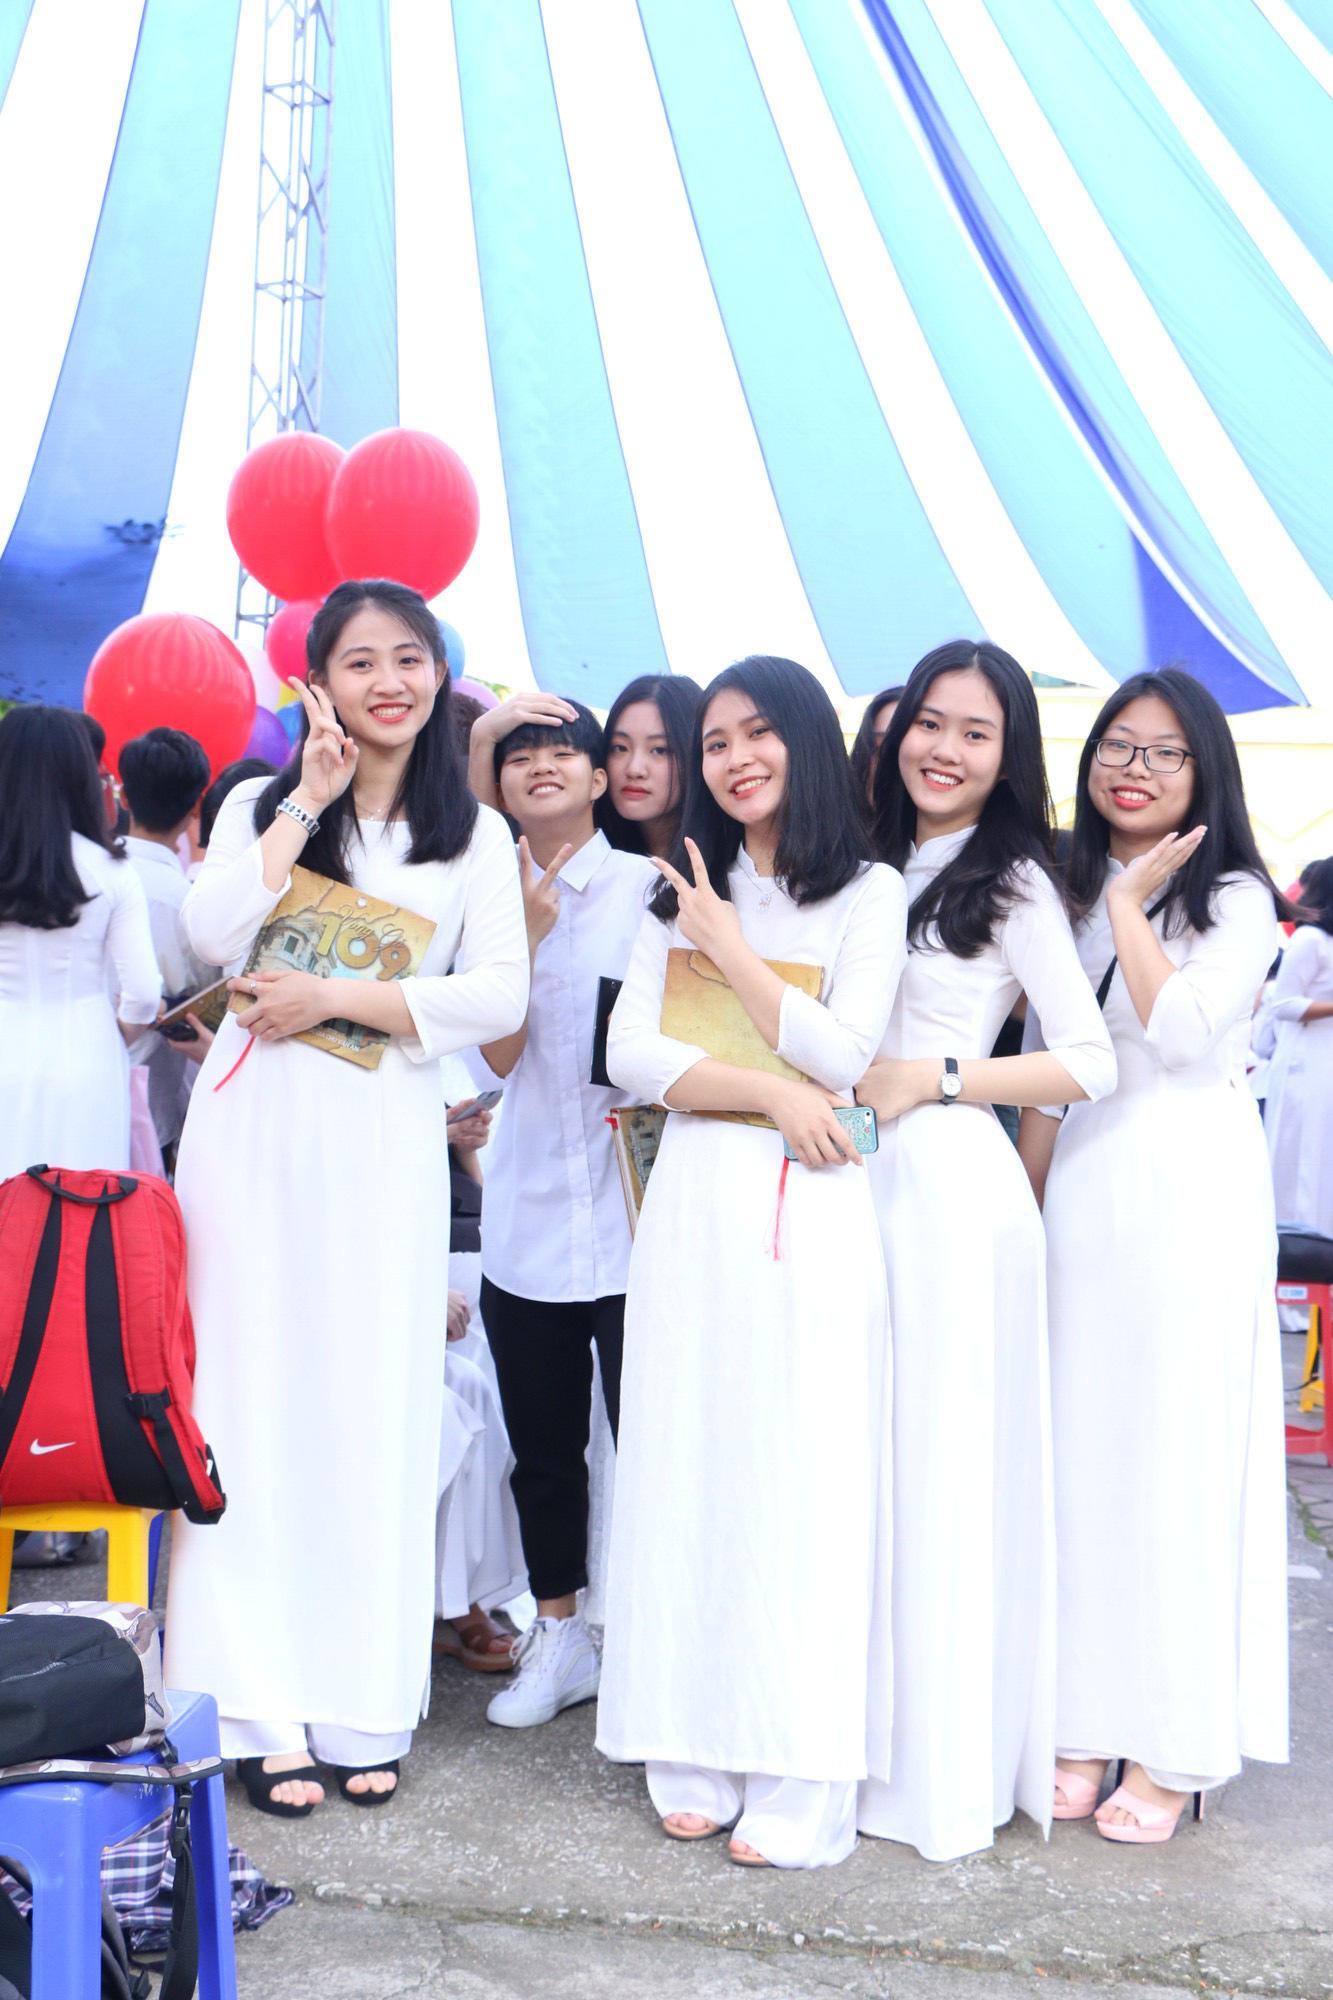 Ngắm nữ sinh Trường Chu Văn An duyên dáng, đẹp tinh khôi trong ngày bế giảng - Ảnh 5.